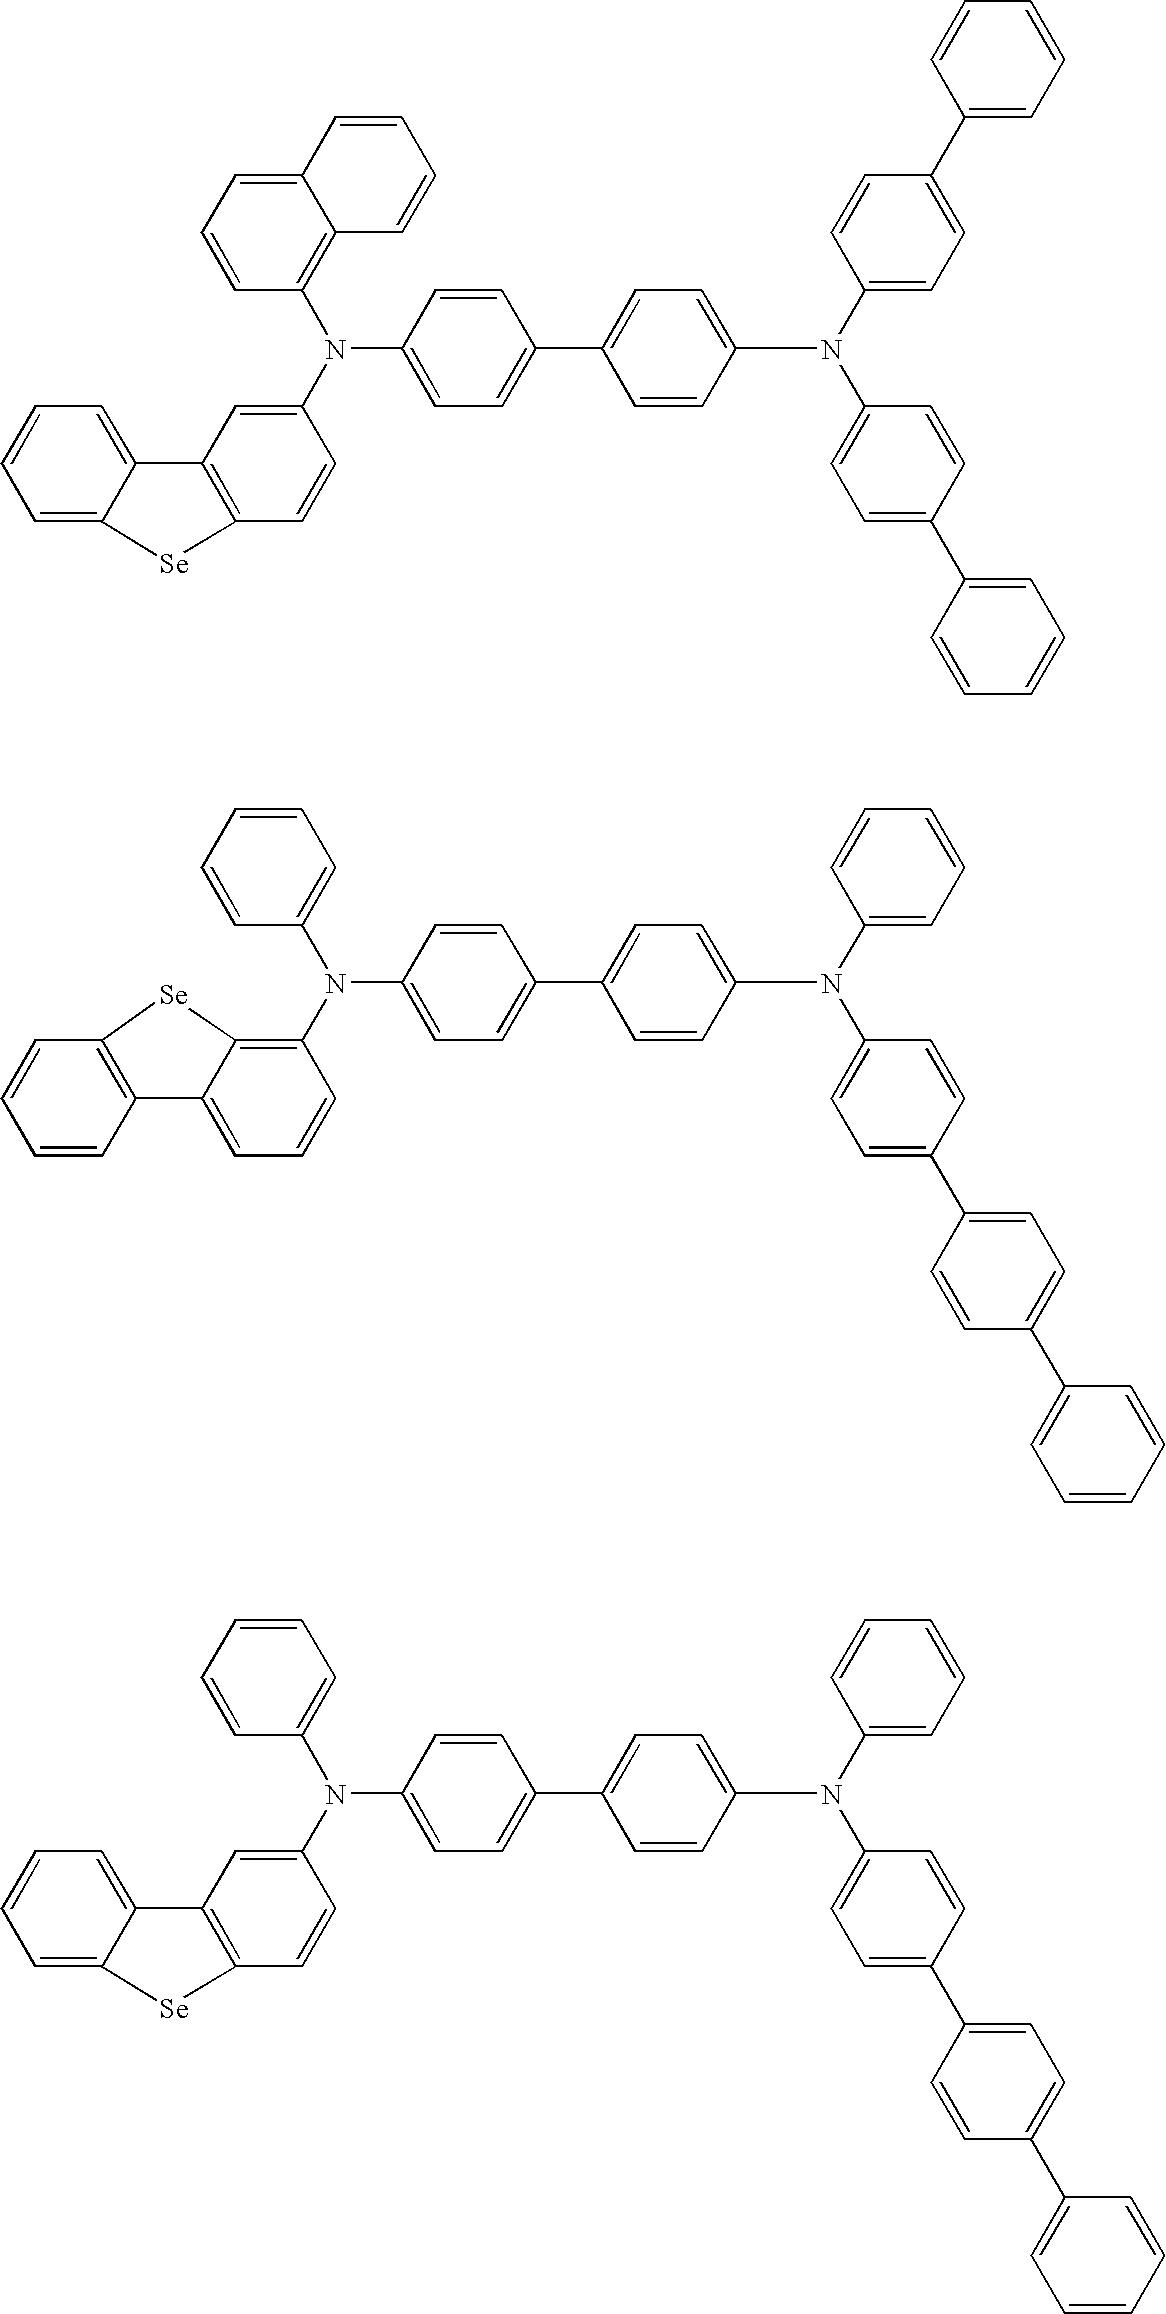 Figure US20100072887A1-20100325-C00211